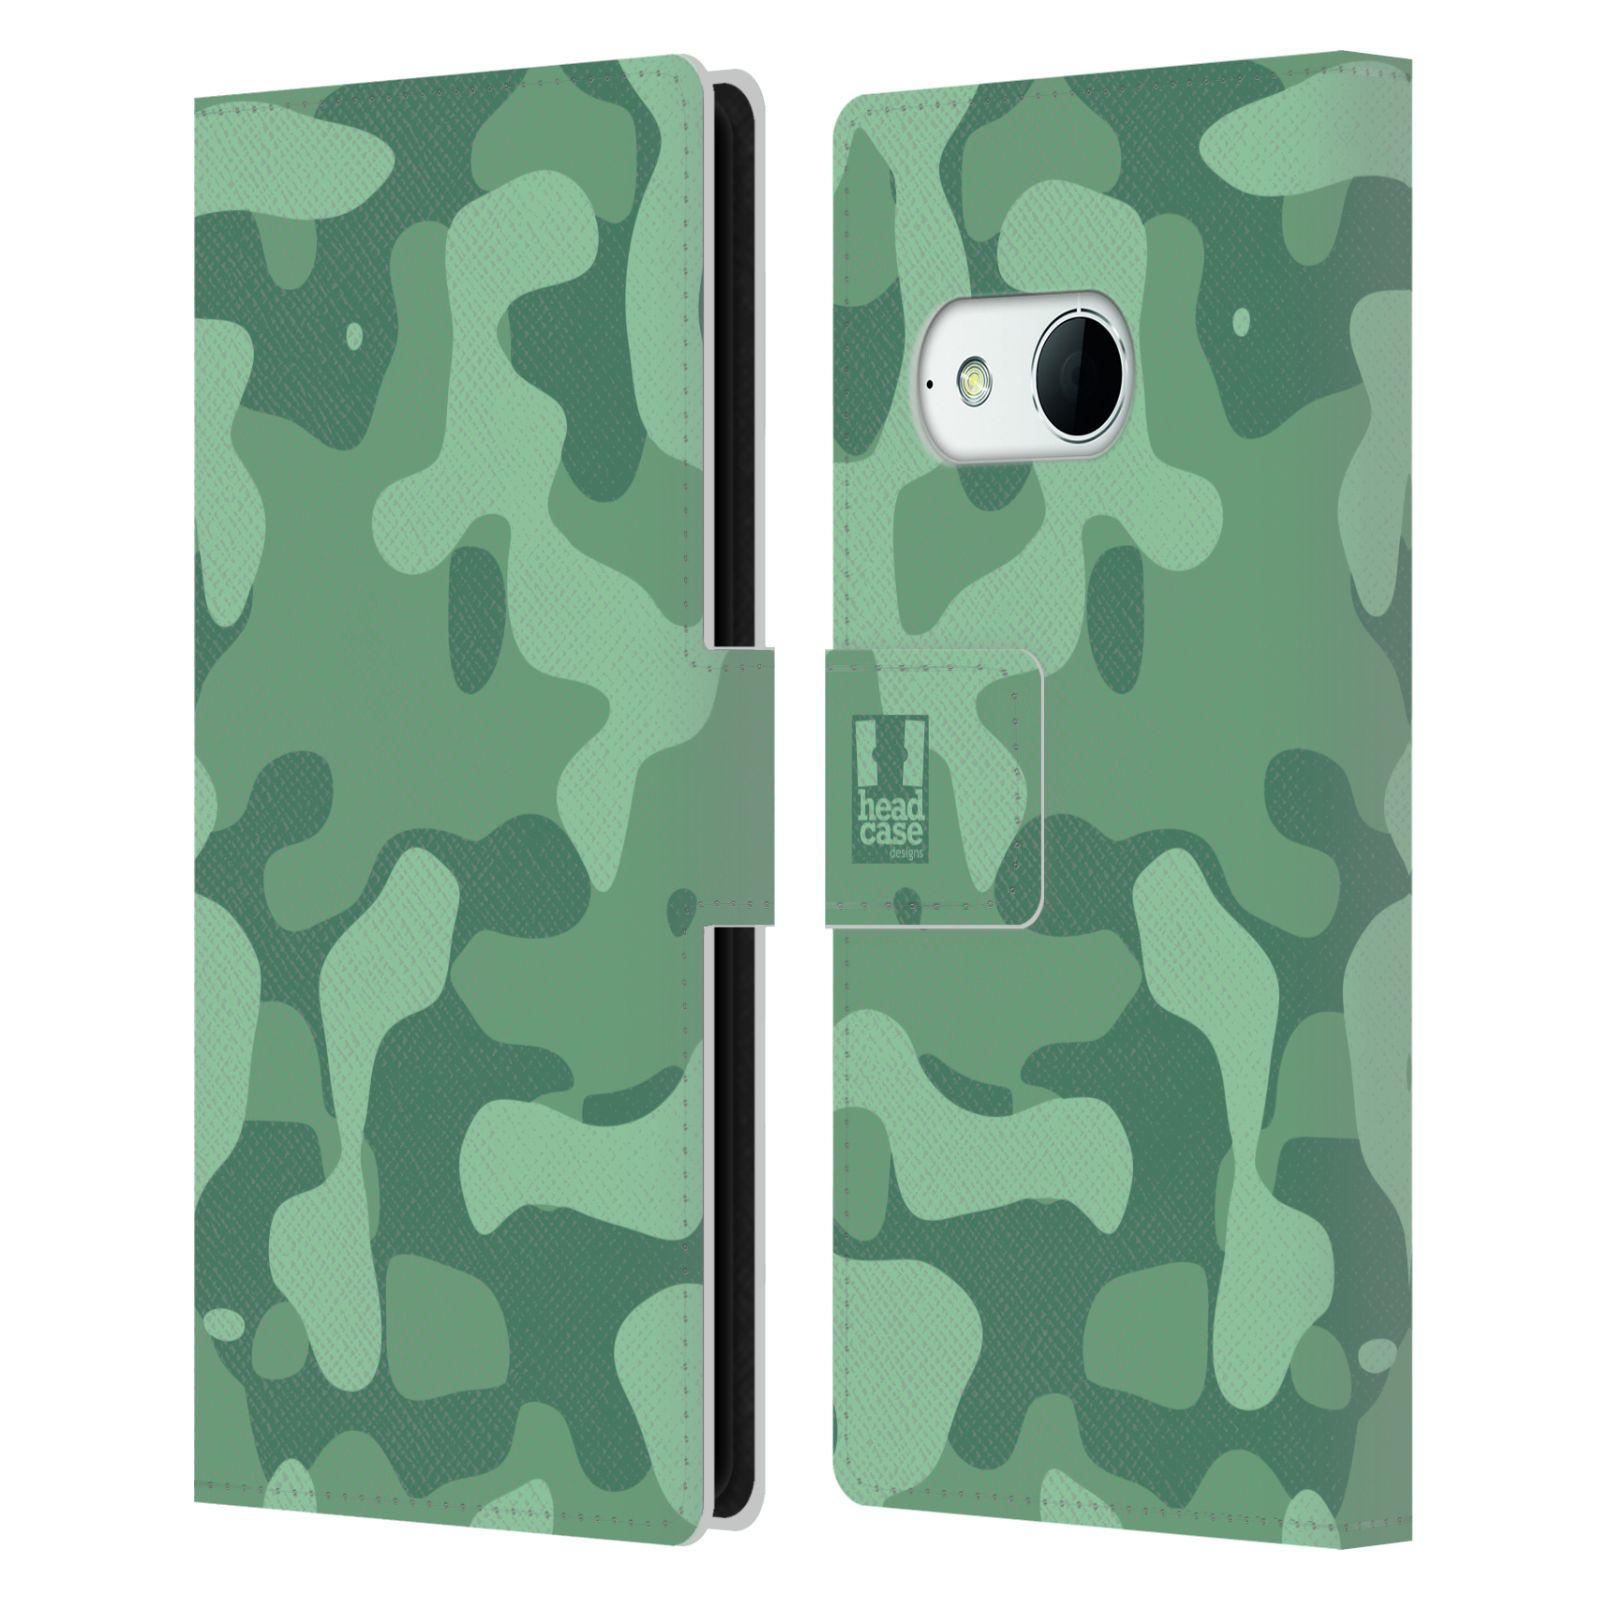 HEAD CASE Flipové pouzdro pro mobil HTC ONE MINI 2 (M8) lehká barevná kamufláž mentol zelená